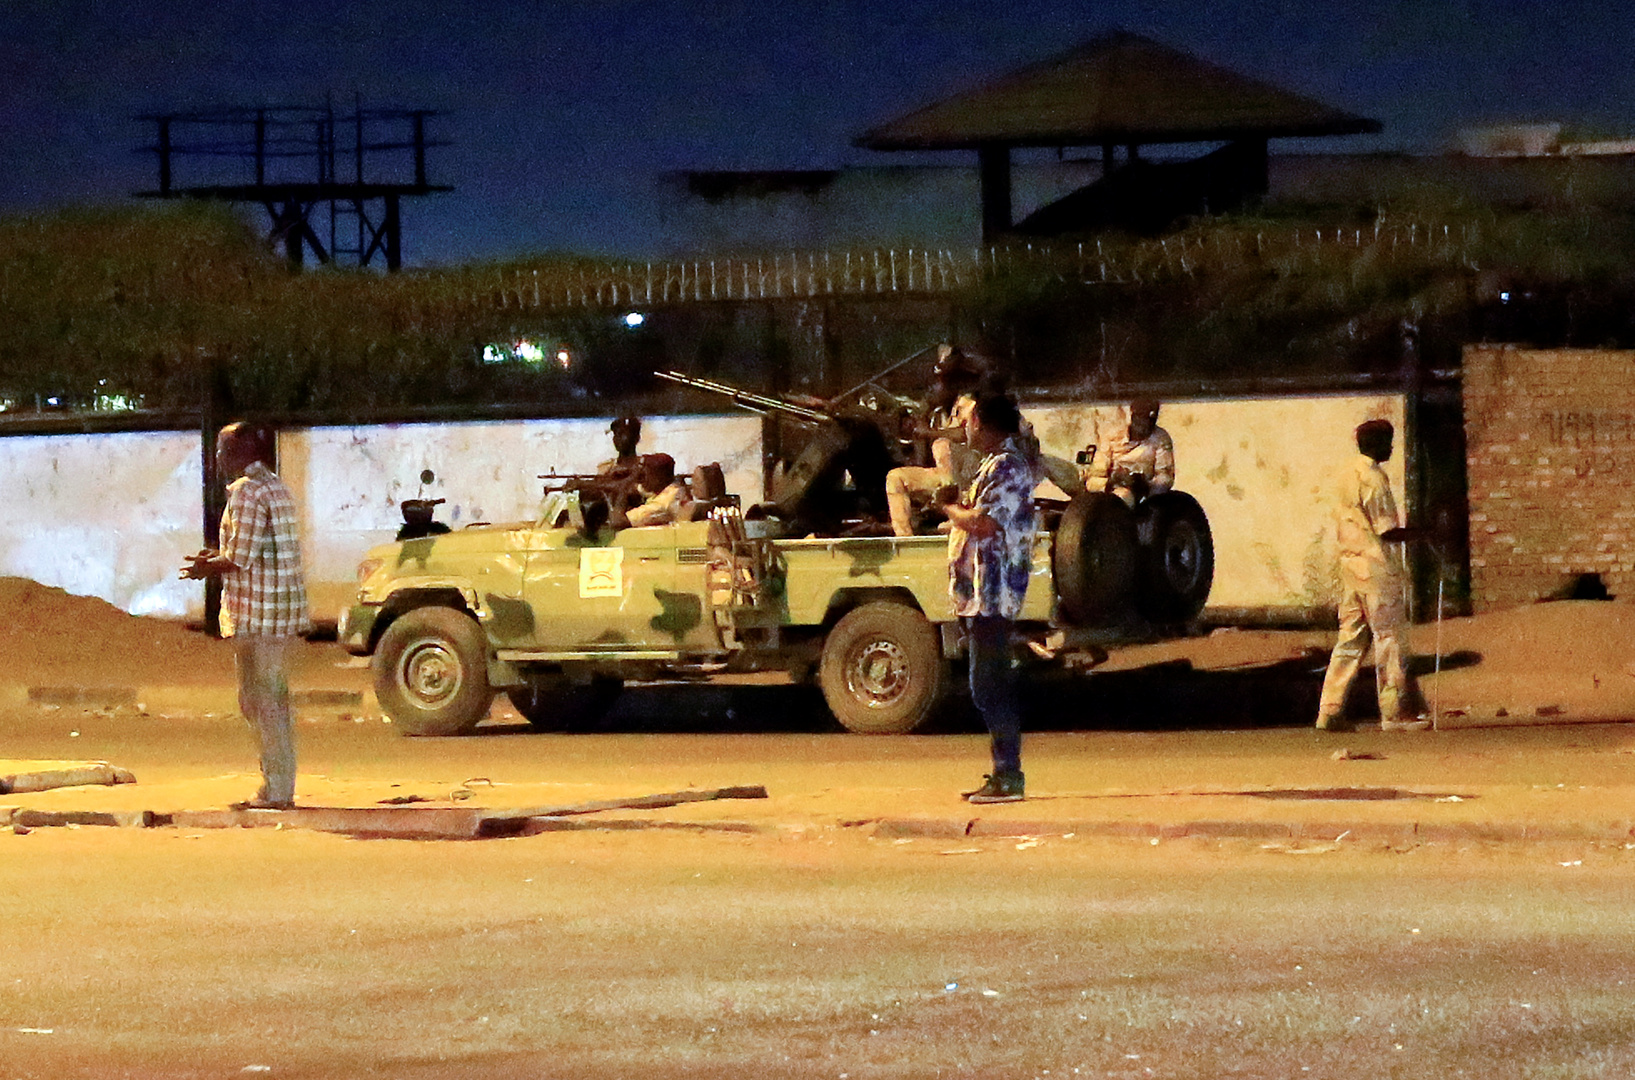 الجيش السوداني ينتشر في الخرطوم تزامنا مع الذكرى الأولى لانطلاق الاحتجاجات